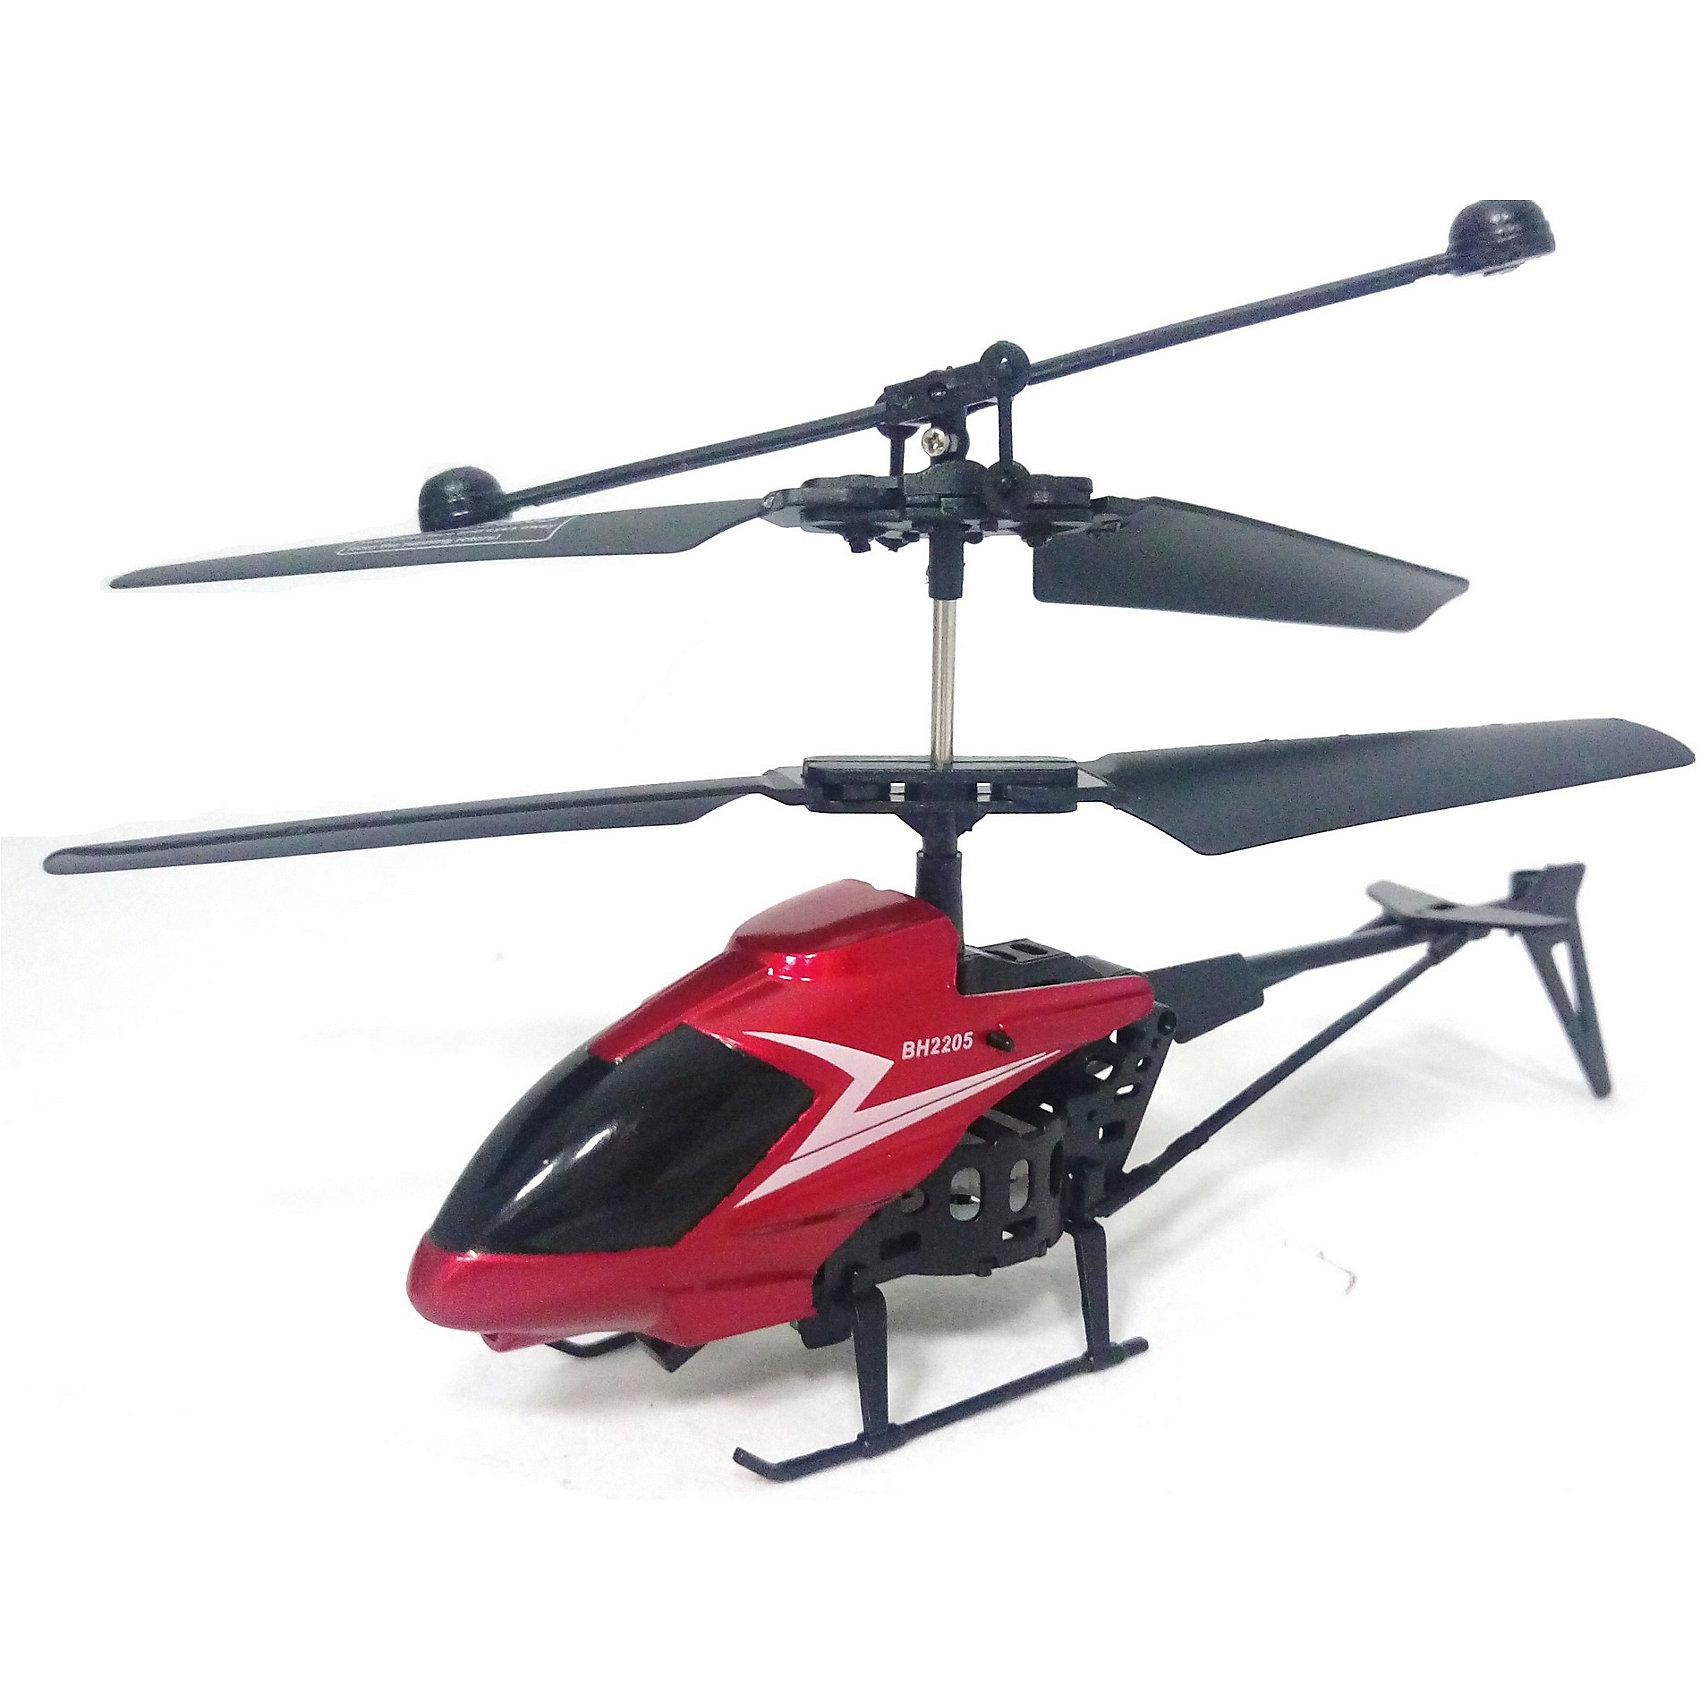 Радиоуправляемый вертолет Оса на и/у, Властелин небесРадиоуправляемый транспорт<br>Радиоуправляемый вертолет Оса на и/у, Властелин небес<br><br>Характеристики:<br><br>• двухканальное инфракрасное управление<br>• яркий прожектор<br>• аккумулятор заряжается от пульта<br>• отвертка в комплекте<br>• легко управлять<br>• размер: 14,5х8,5х3,5 см<br>• материал: пластик, металл<br>• размер упаковки: 37х12х8 см<br>• вес: 250 грамм<br><br>Вертолет Оса очень легкий. Двухканальное инфракрасное управление от пульта позволит вам наблюдать за красивыми полетами. Передний прожектор ярко светится при полете, придавая даря невероятную красоту и освещая темное помещение. Игрушка заряжается от пульта дистанционного управления. Красивый дизайн вертолета понравится детям и взрослым!<br><br>Радиоуправляемый вертолет Оса на и/у, Властелин небес вы можете купить в нашем интернет-магазине.<br><br>Ширина мм: 50<br>Глубина мм: 300<br>Высота мм: 125<br>Вес г: 250<br>Возраст от месяцев: 144<br>Возраст до месяцев: 2147483647<br>Пол: Мужской<br>Возраст: Детский<br>SKU: 5397100